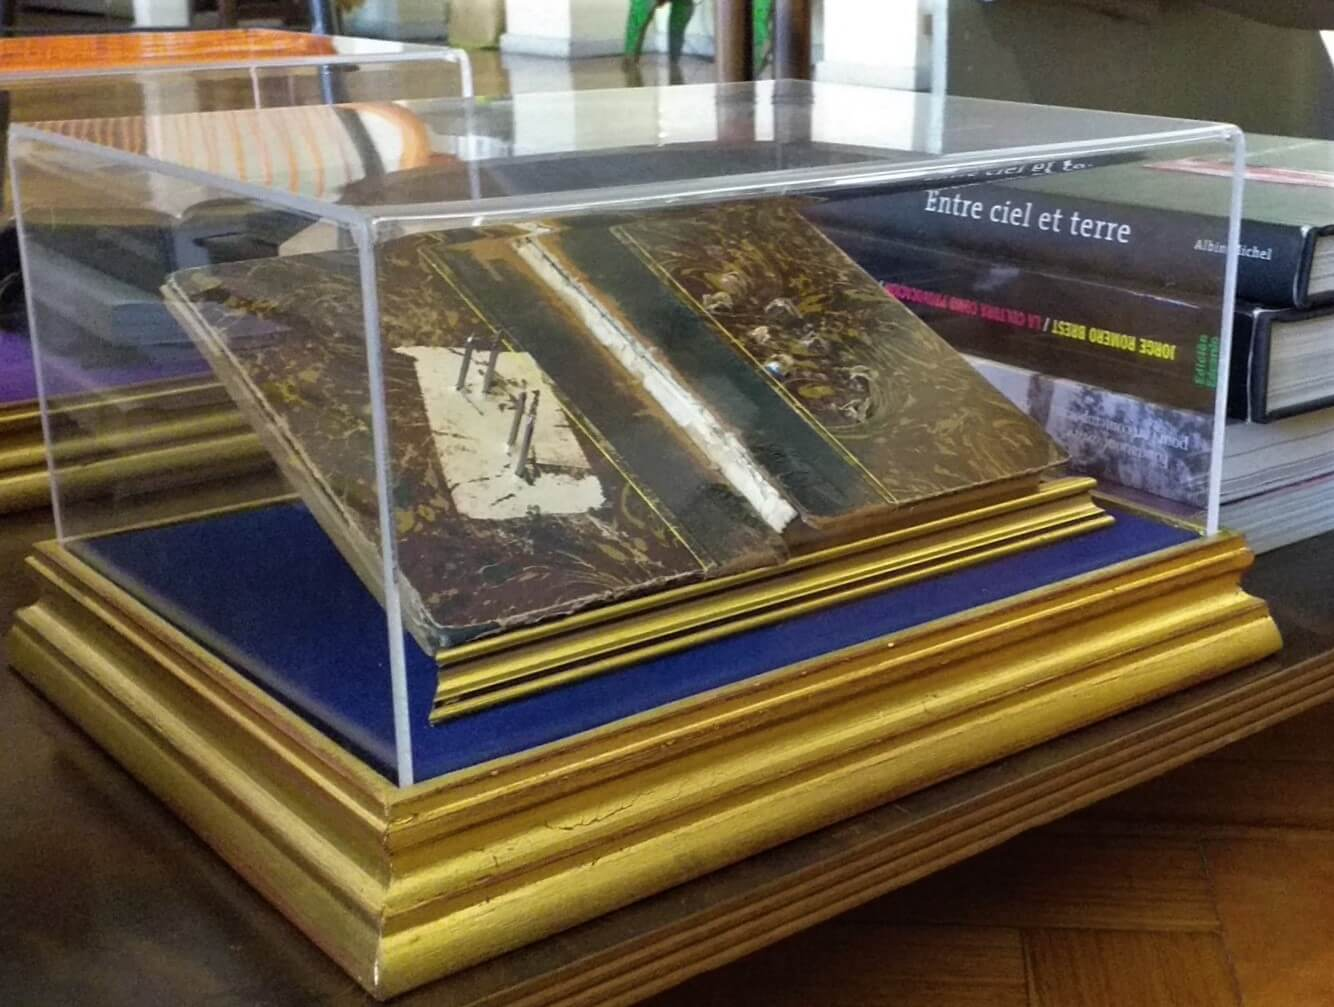 «La escritura del olvido. Notas sobre el trauma» caja de madera con tapa de acrílico transparente, forrada en terciopelo, libro antiguo, clavos, 34 x 17,5 cm, 2020.